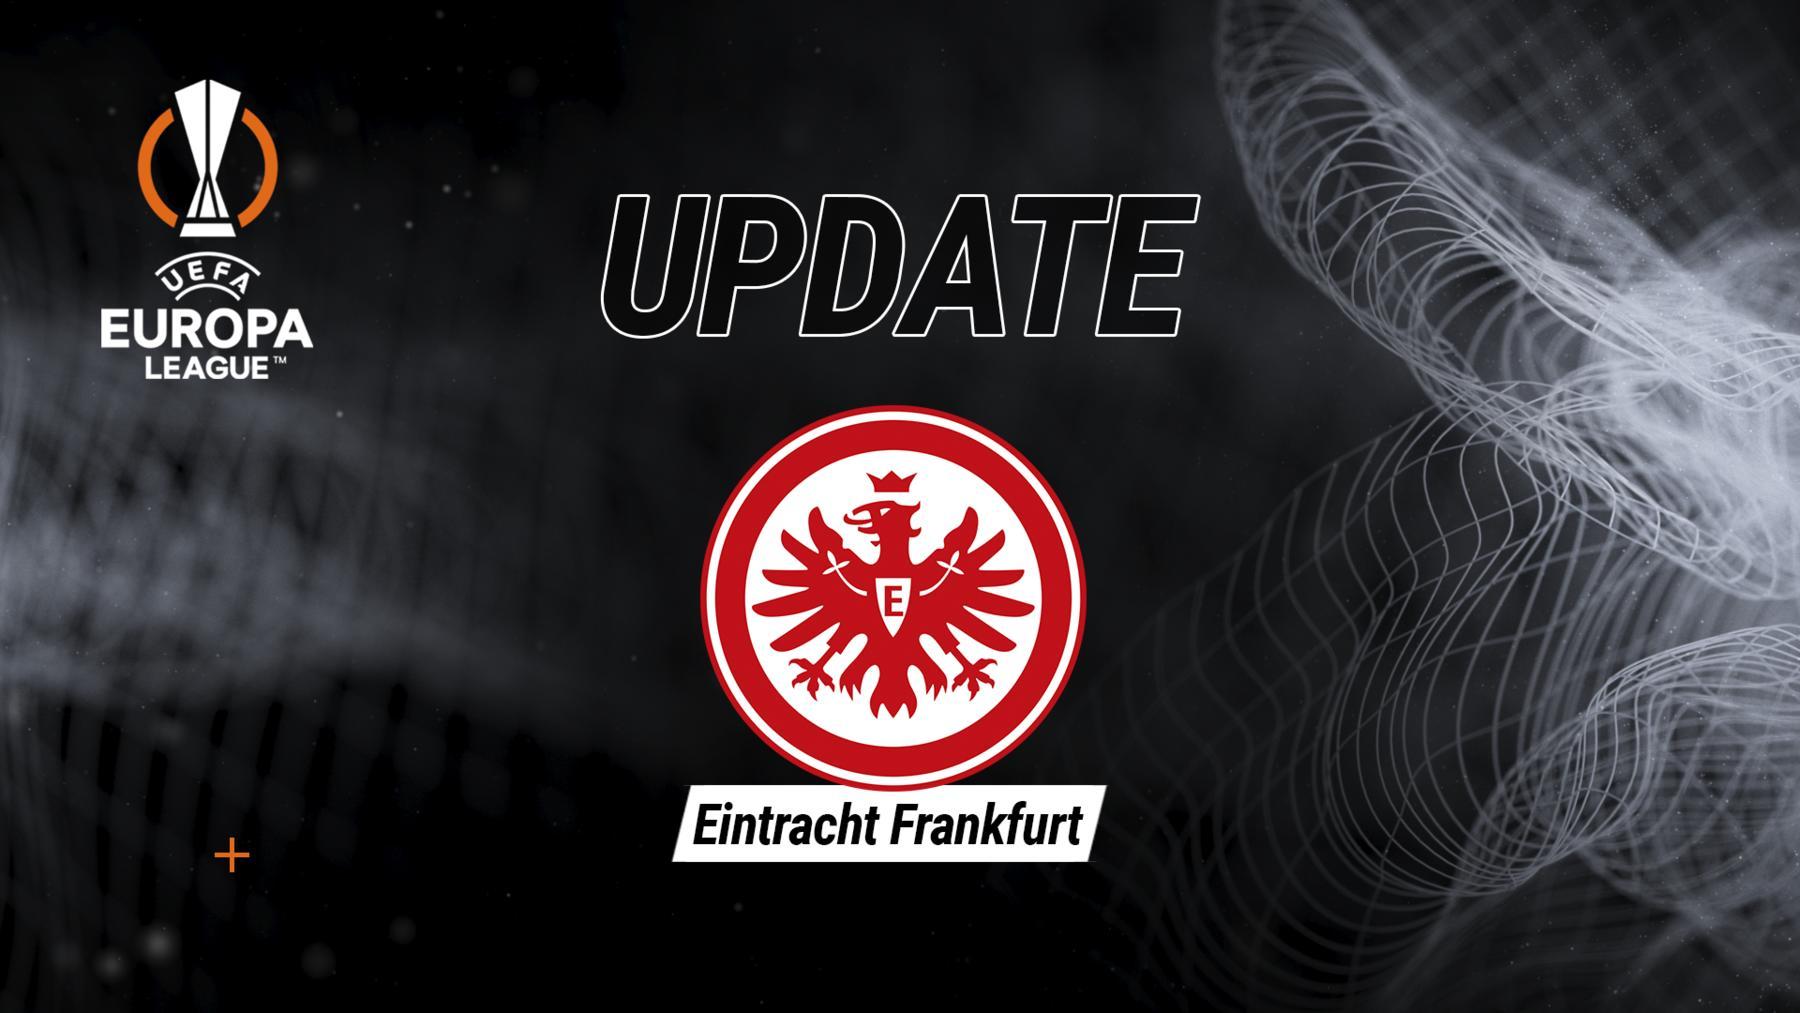 Update Eintracht Frankfurt